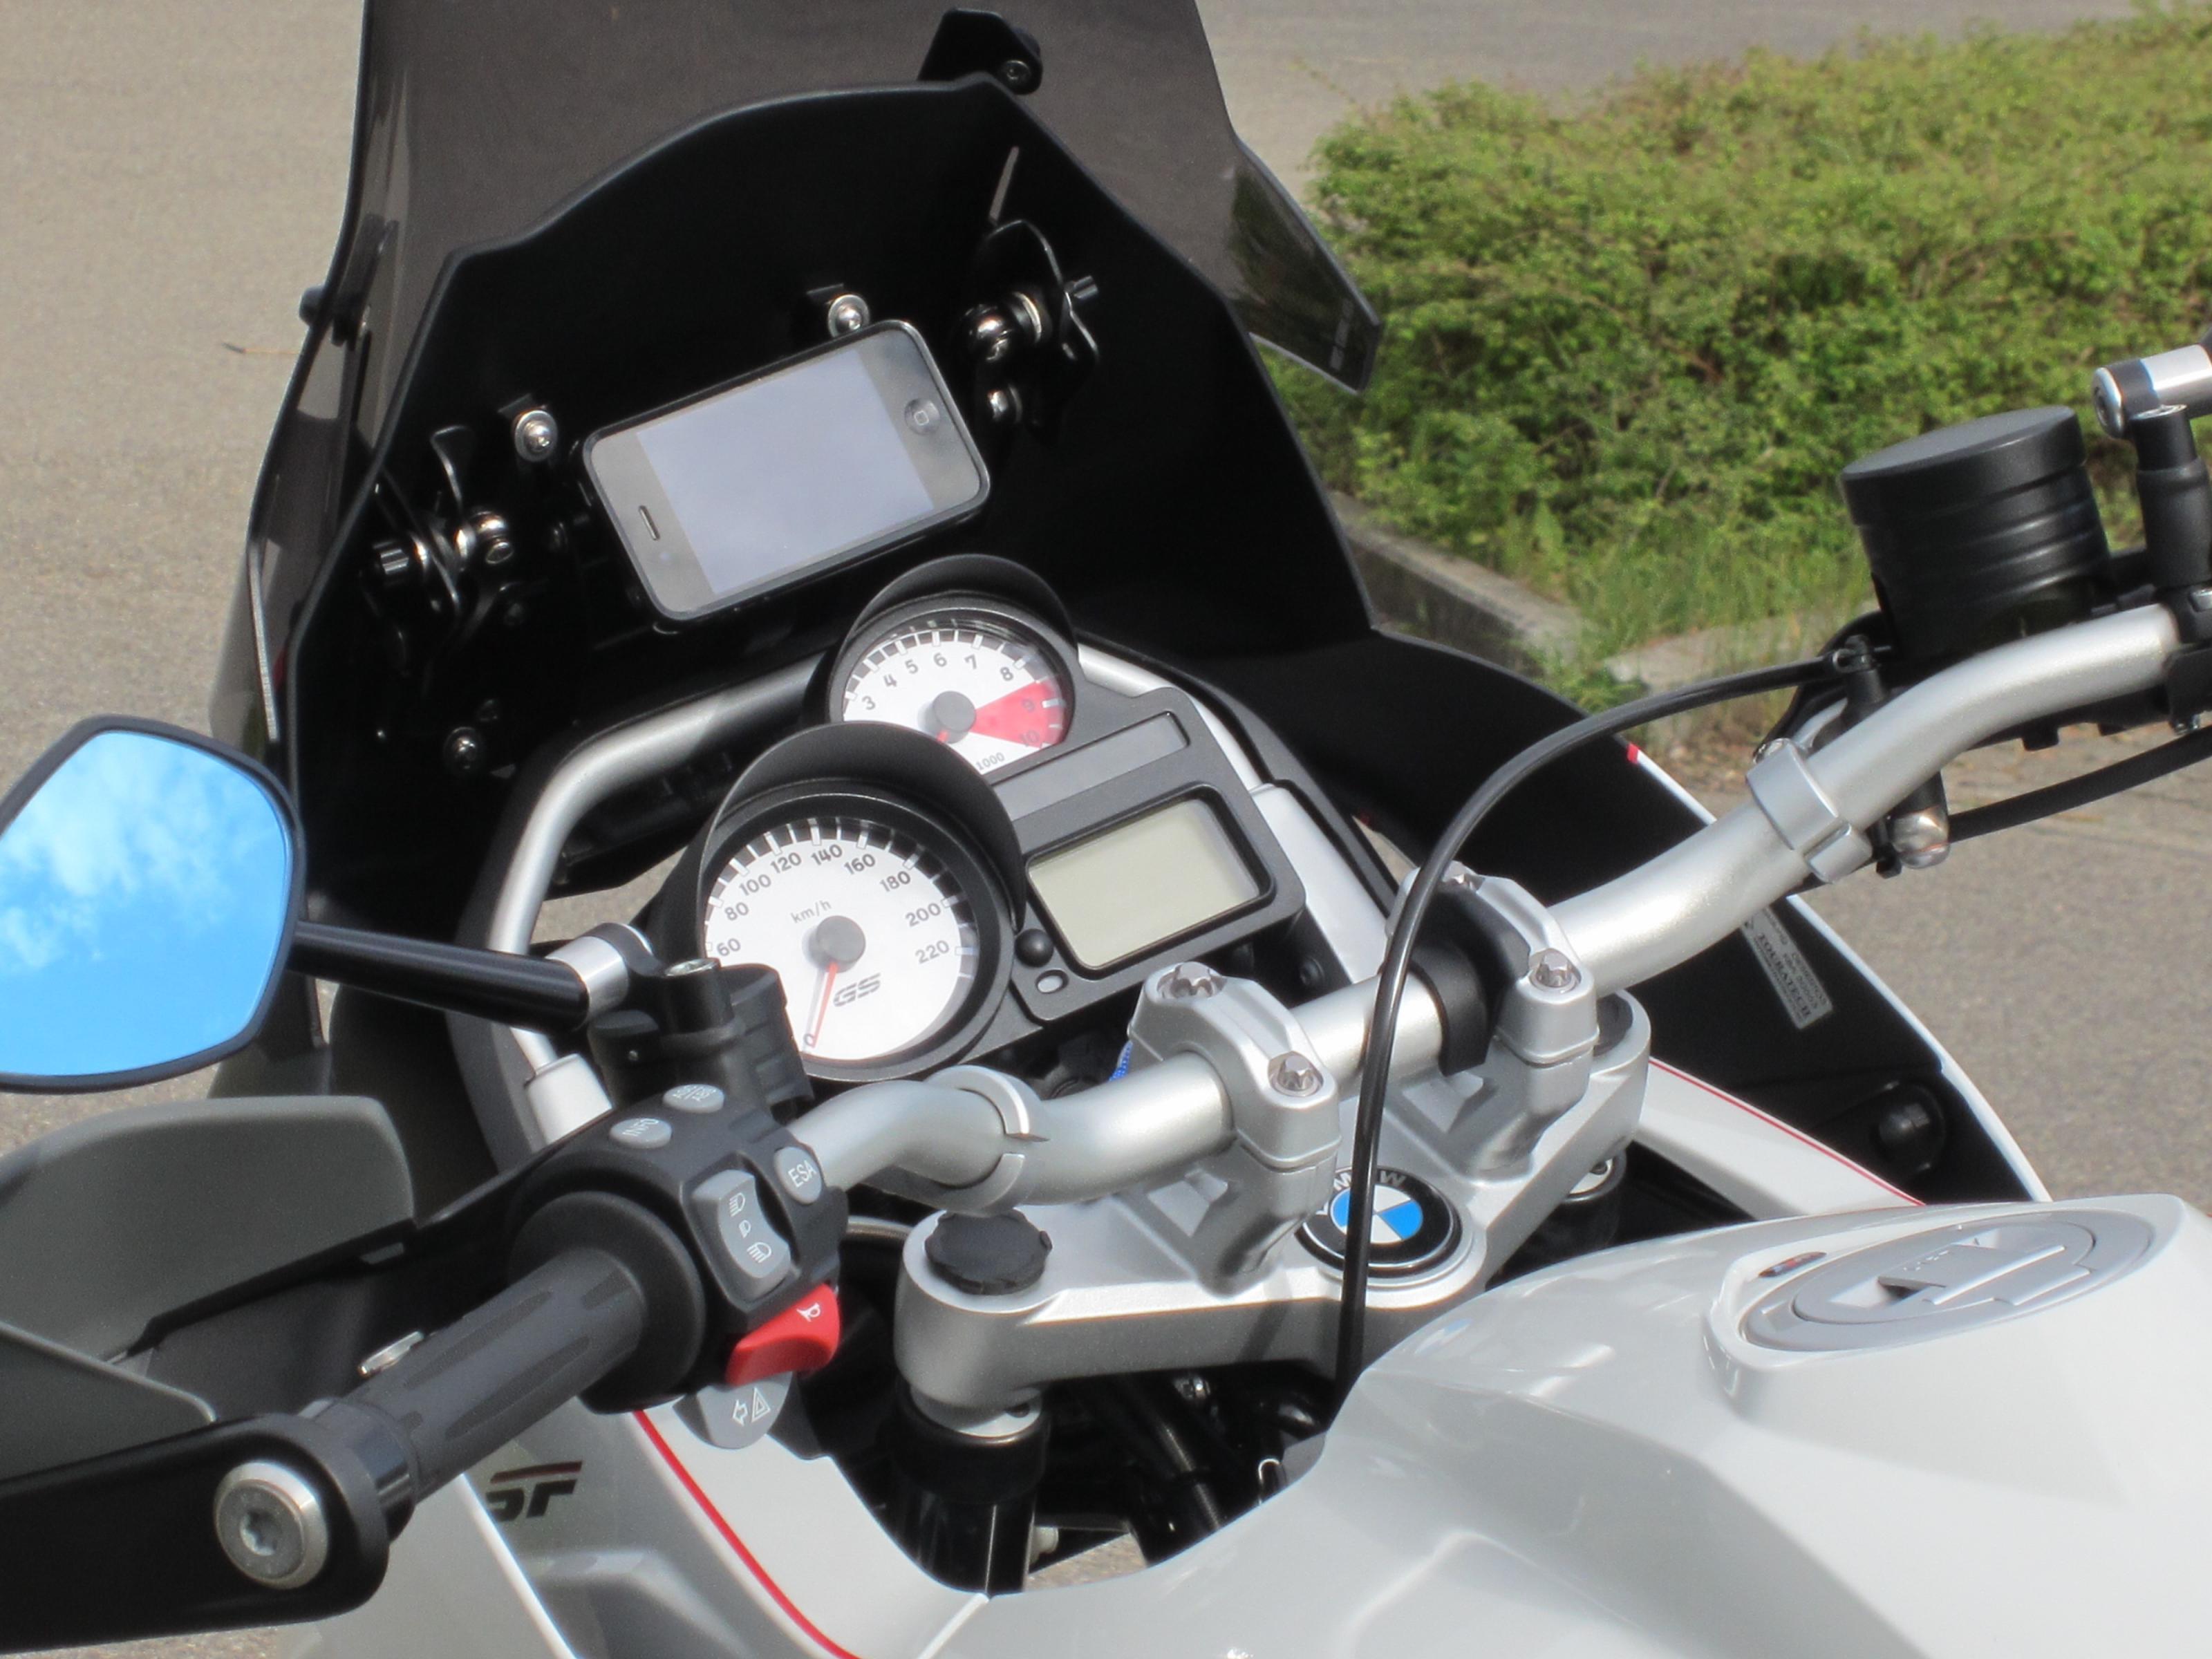 Biete R 1200 GS (+ Adventure) einige tolle Teile !!! oder alles ...